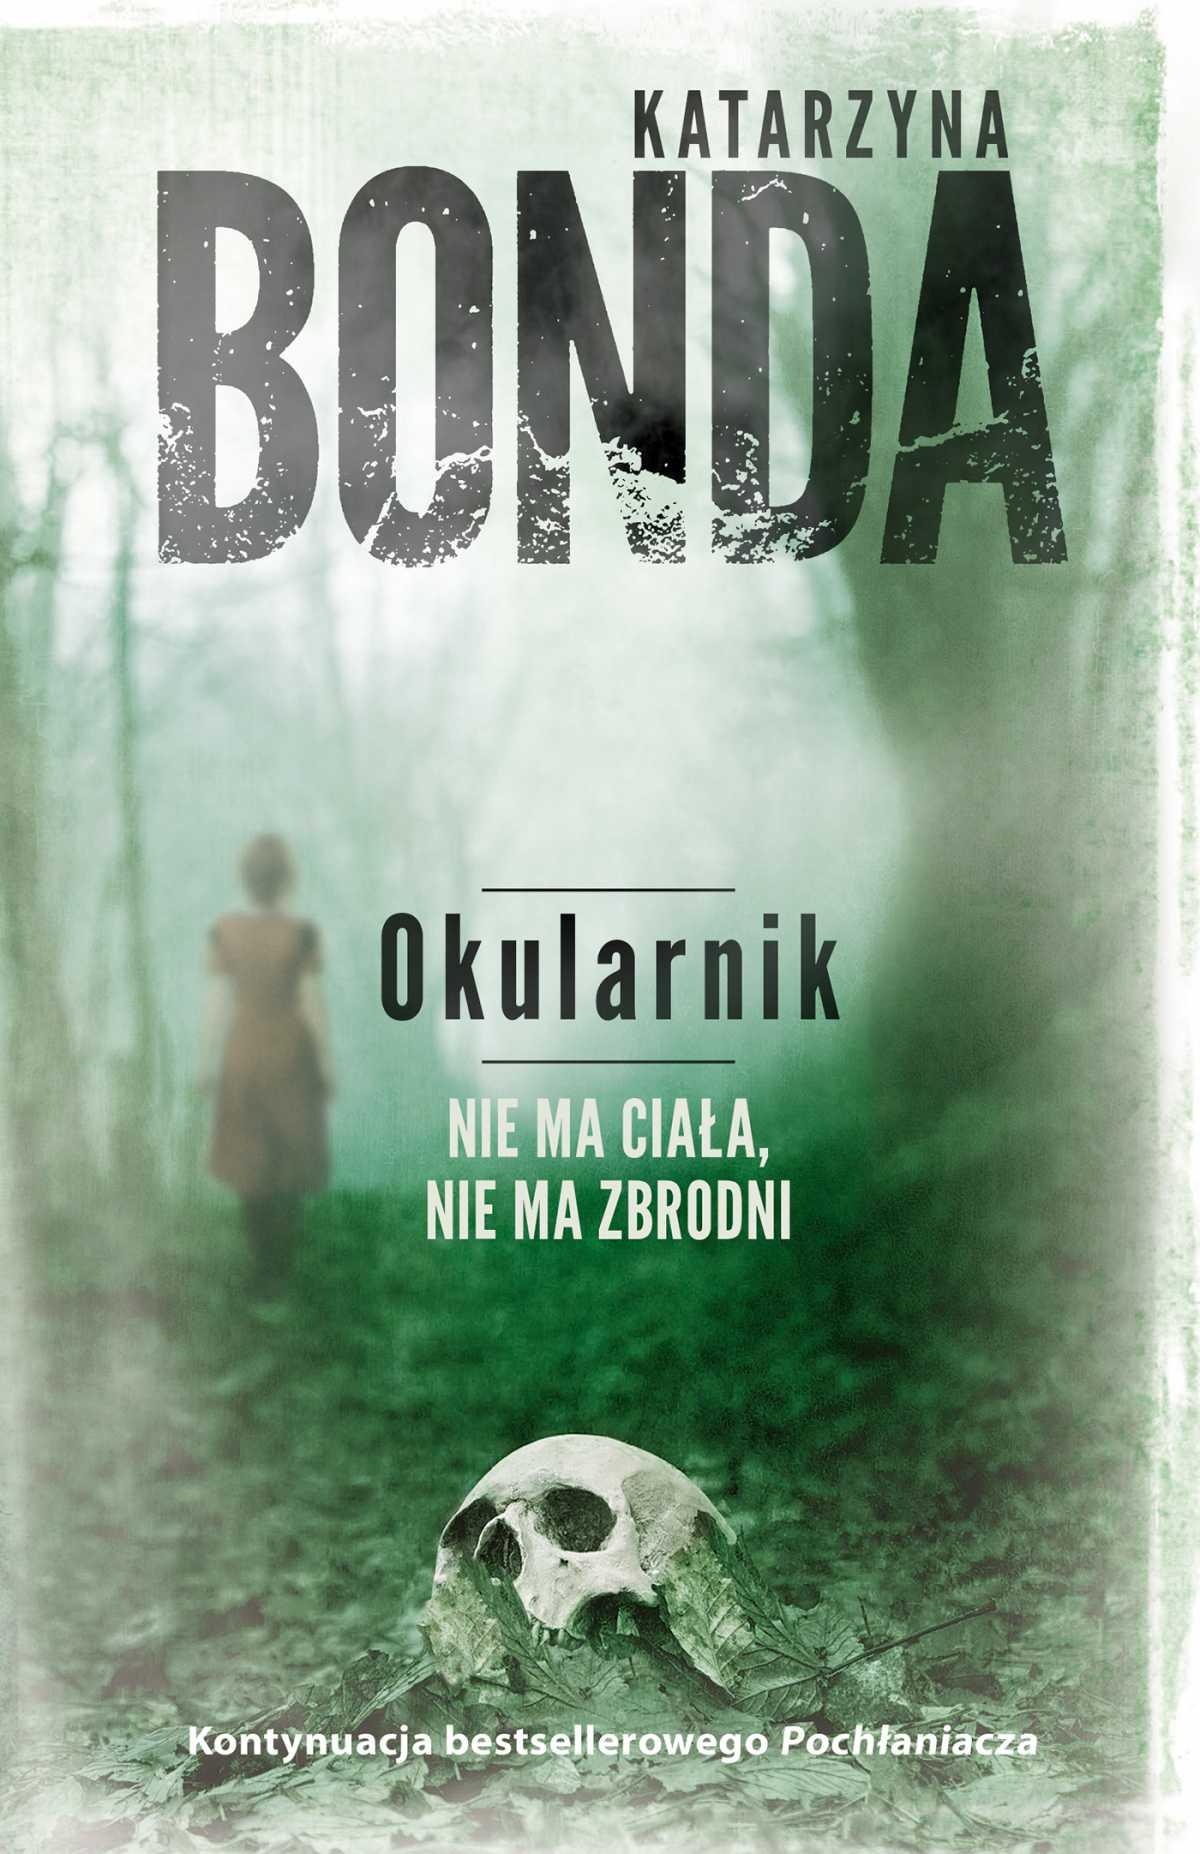 Okularnik - Ebook (Książka EPUB) do pobrania w formacie EPUB